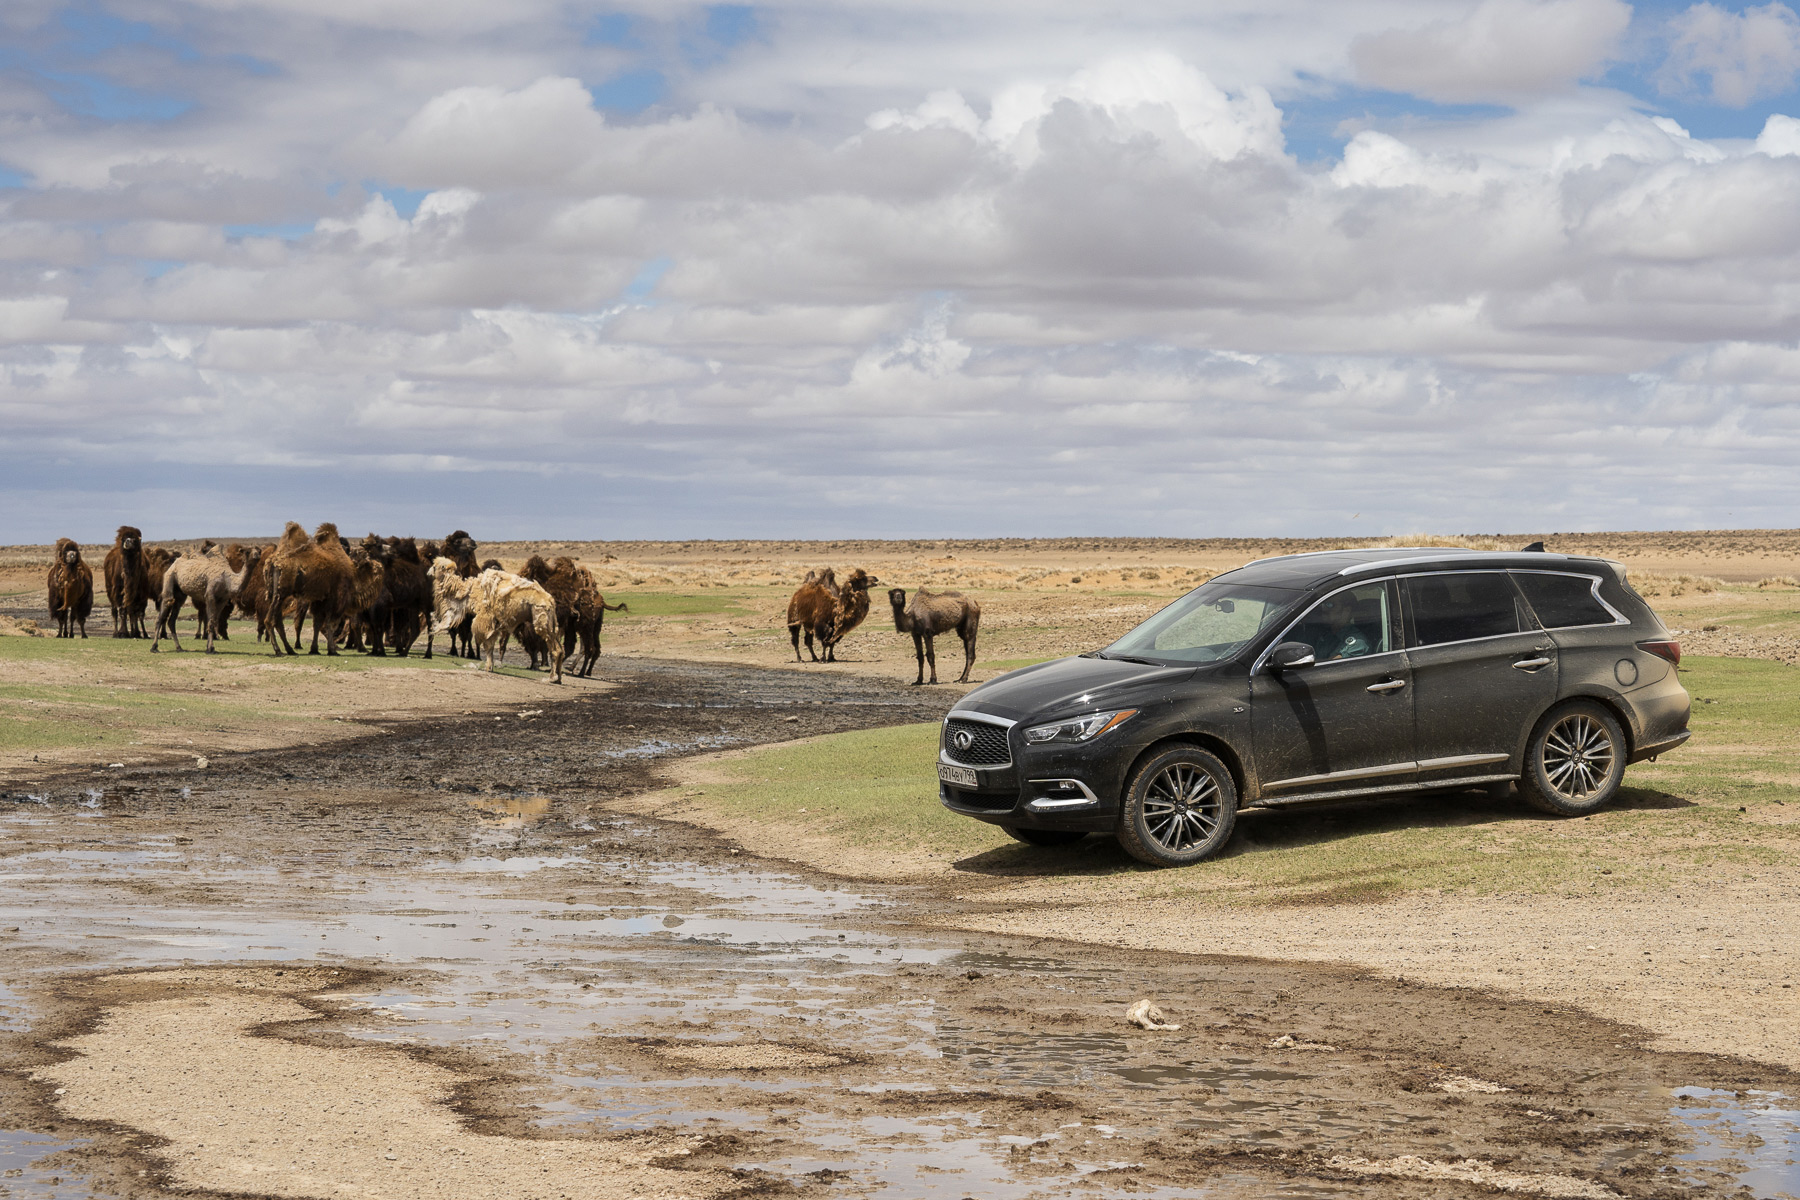 INFINITI совместно с Монгольским институтом палеонтологии и геологии объявляют о значительном успехе совместной экспедиции в пустыню Гоби